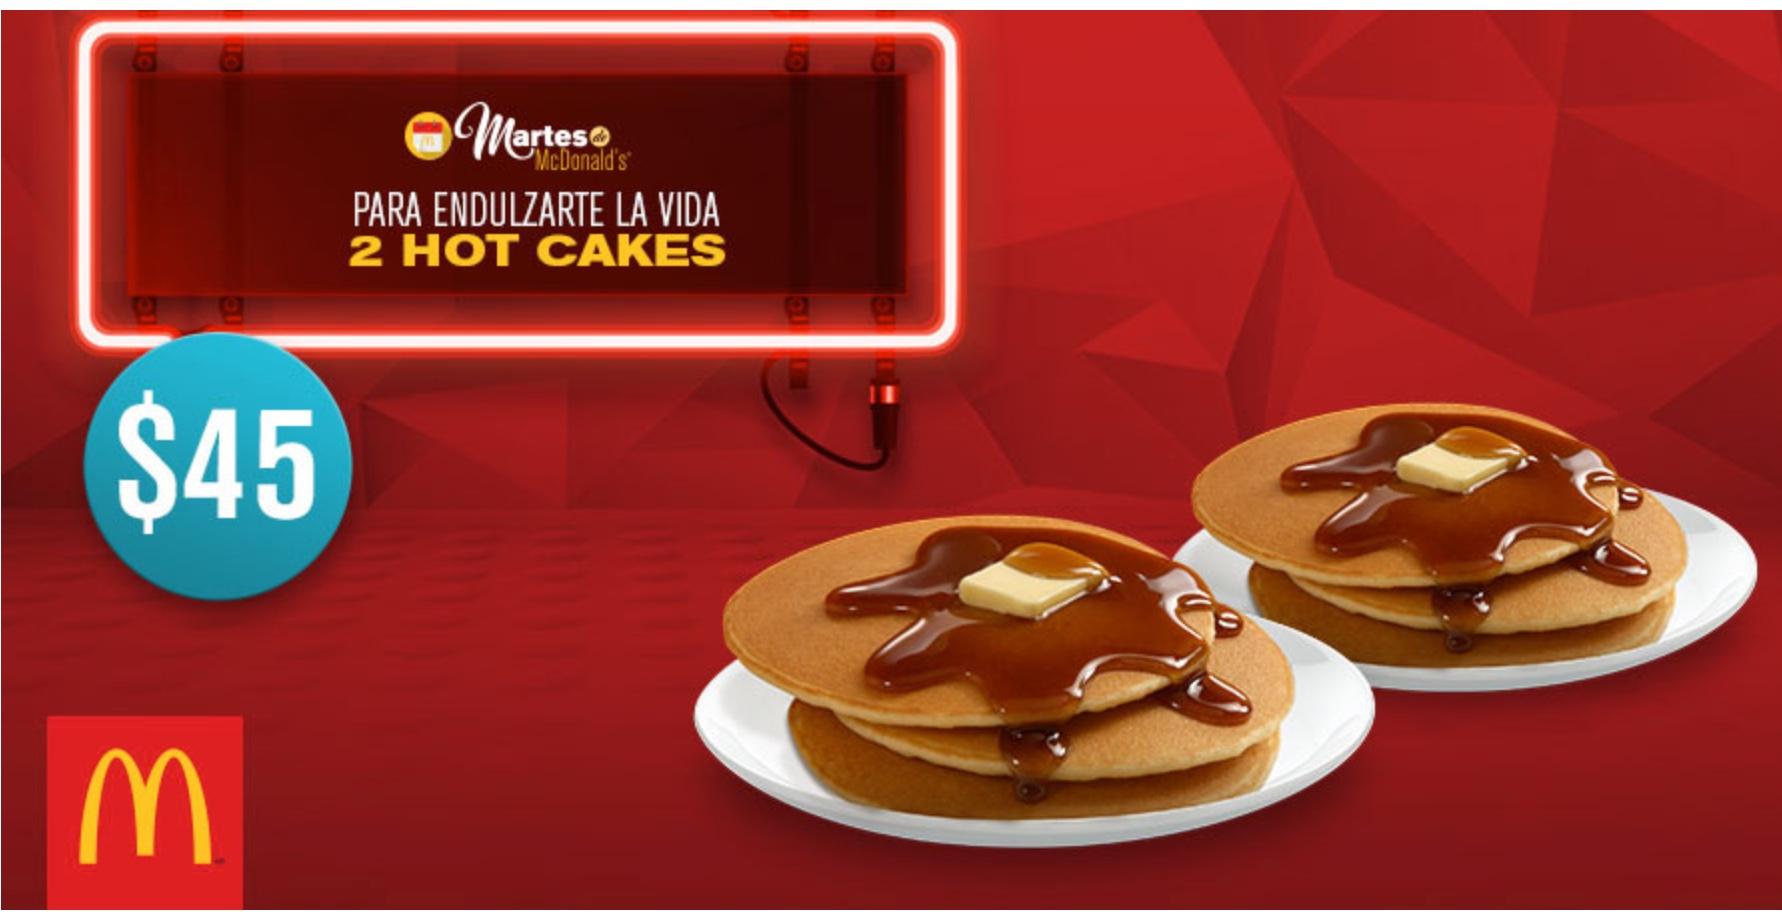 Martes de McDonald's: 6 hot cakes por $45 y 2 hamburguesas con queso triples x $69